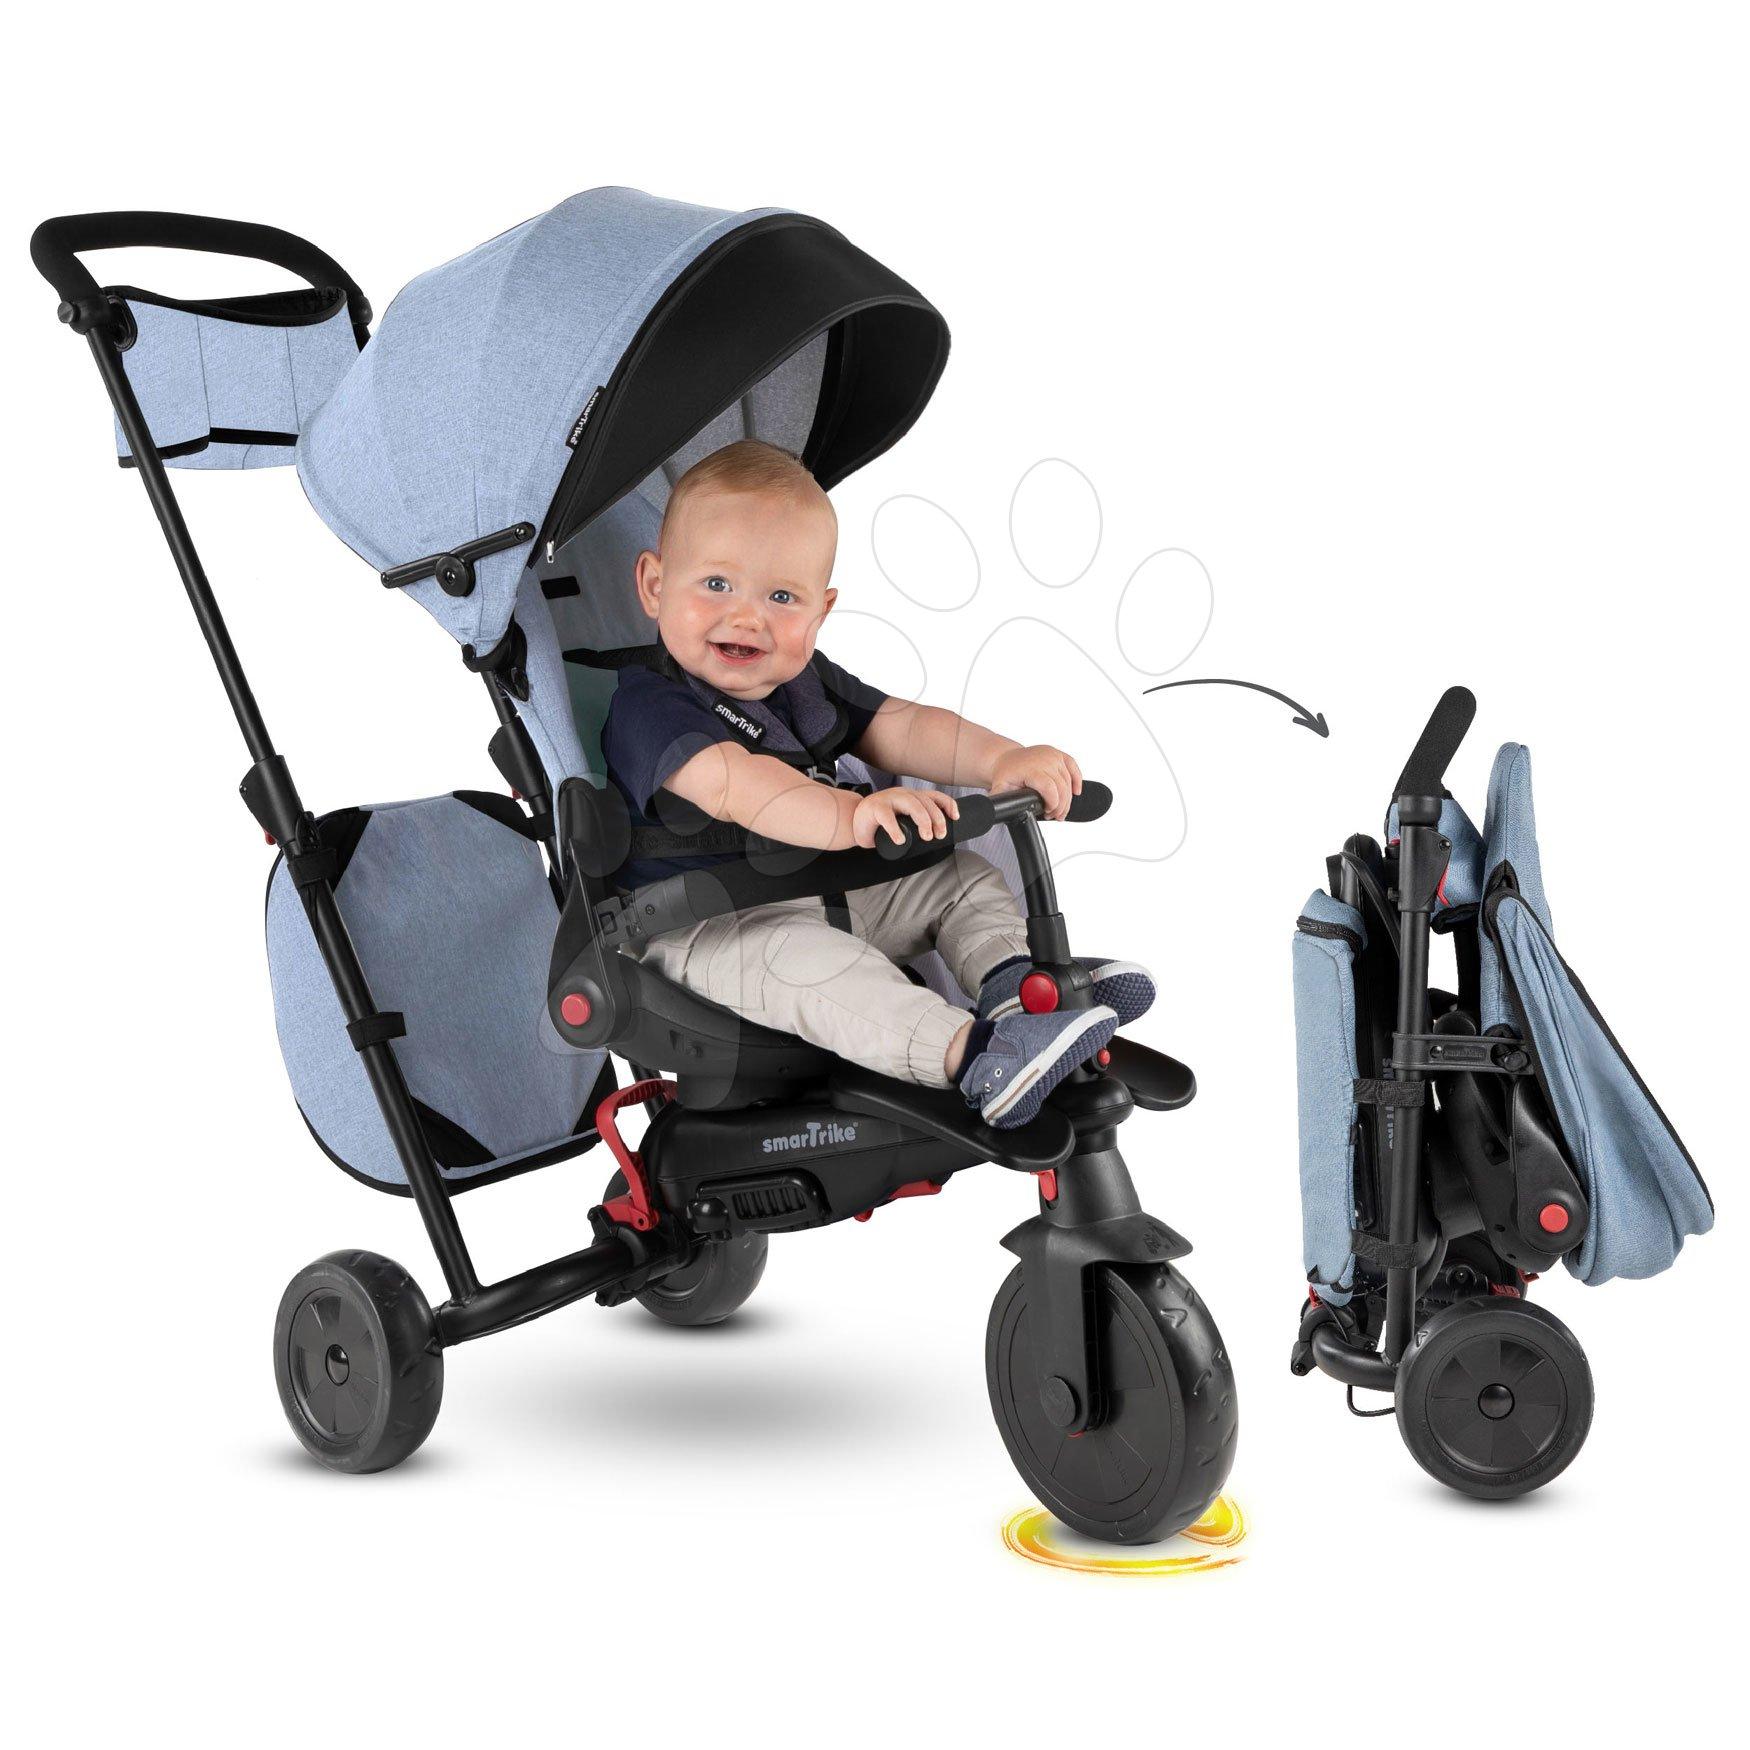 Trojkolka a kočík skladacia STR7 Urban 7v1 smarTrike Jeans so sklápateľným sedadlom TouchSteering s EVA kolesami od 6 mes